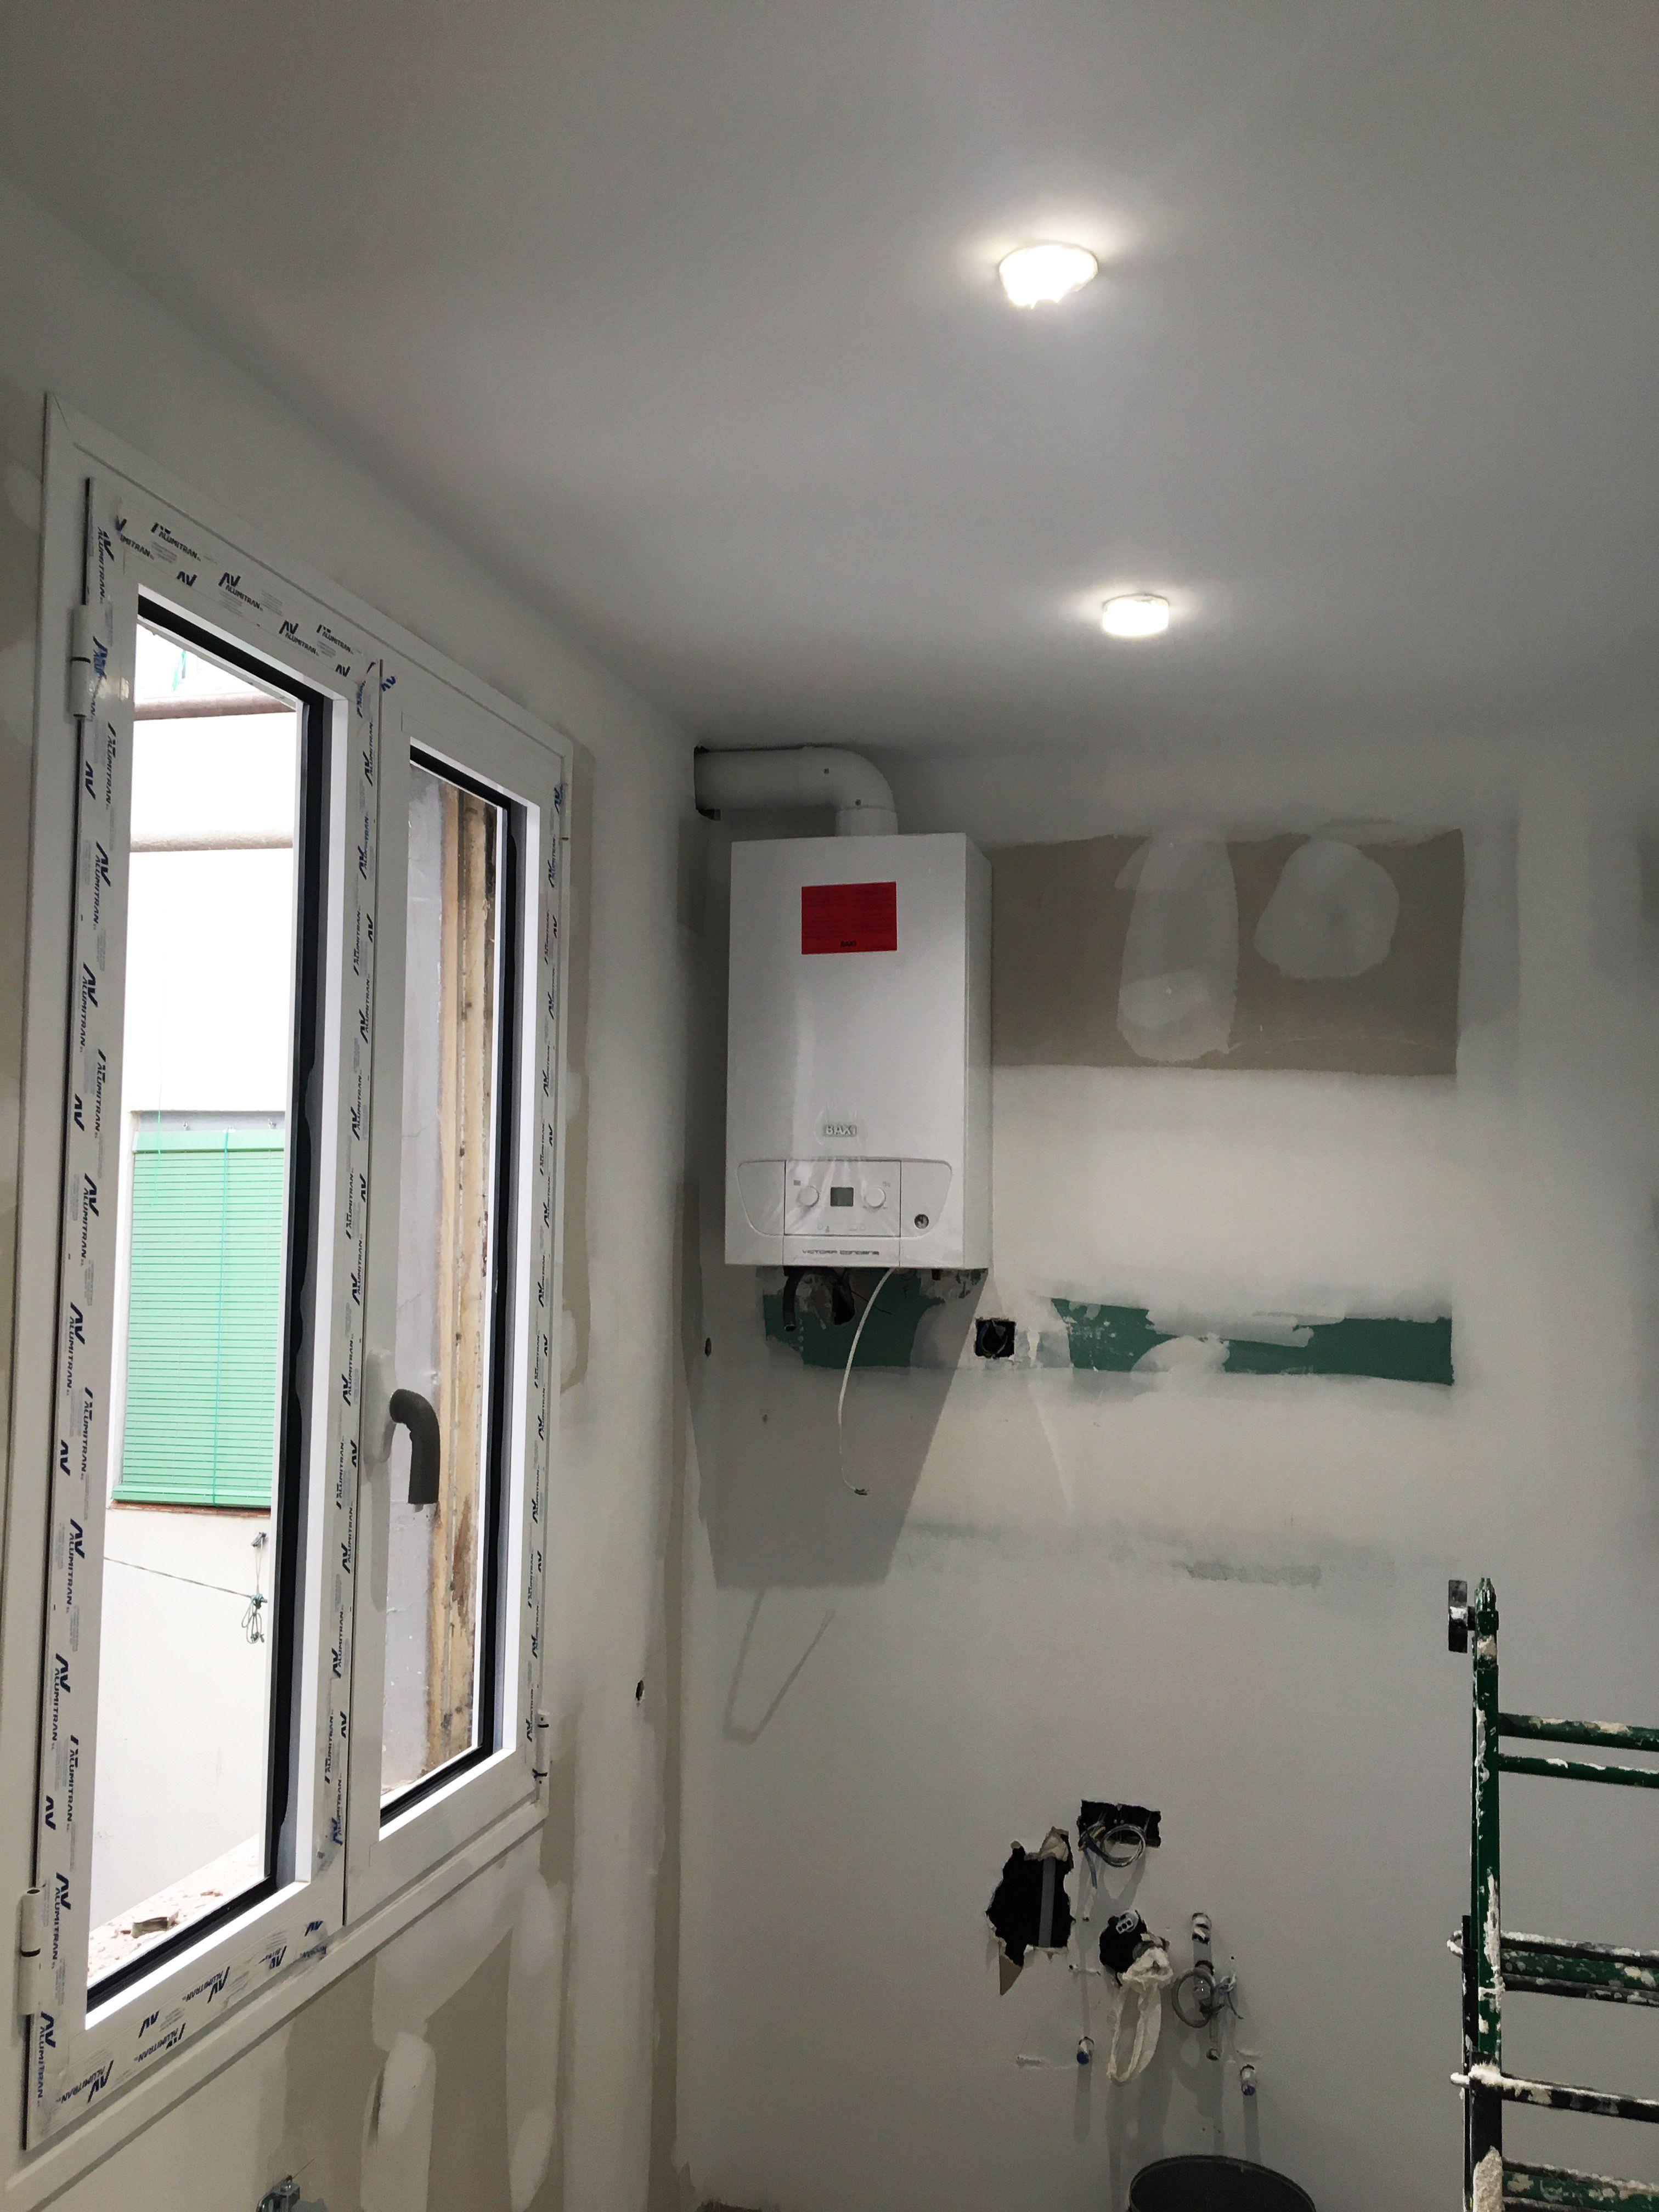 Instalación y mantenimiento de calderas en Madrid